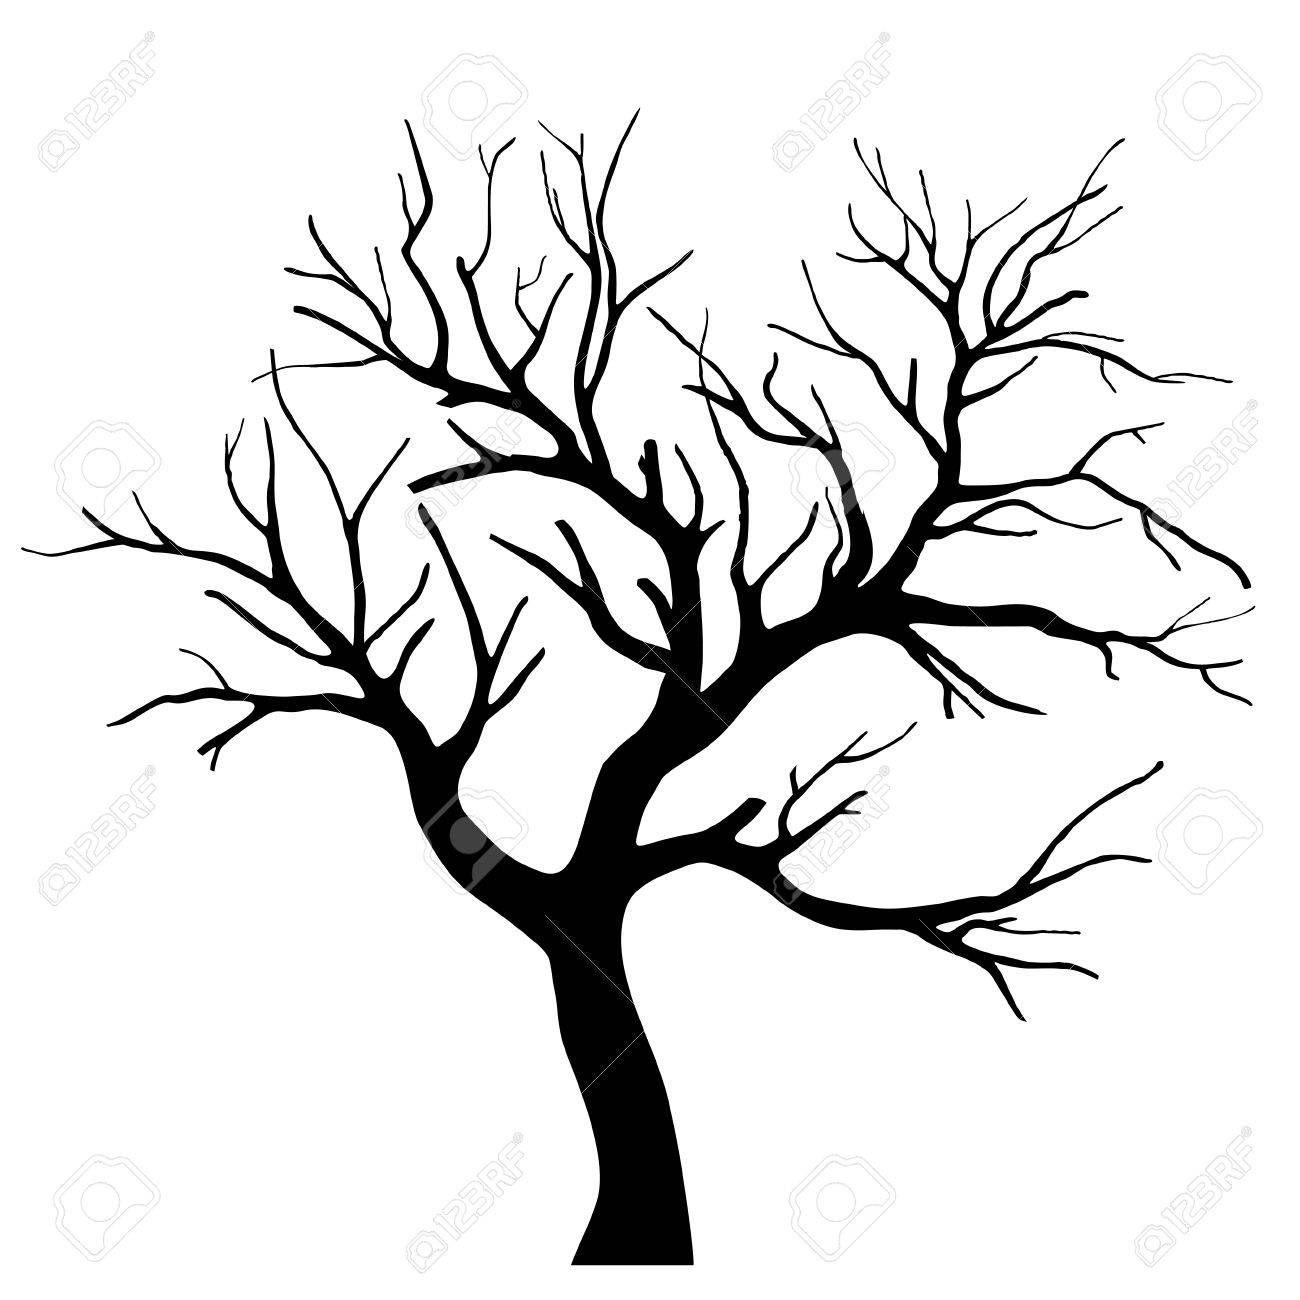 Tree Silhouette Affiliate Tree Silhouette Baume Zeichnen Baum Umriss Scherenschnitt Baum